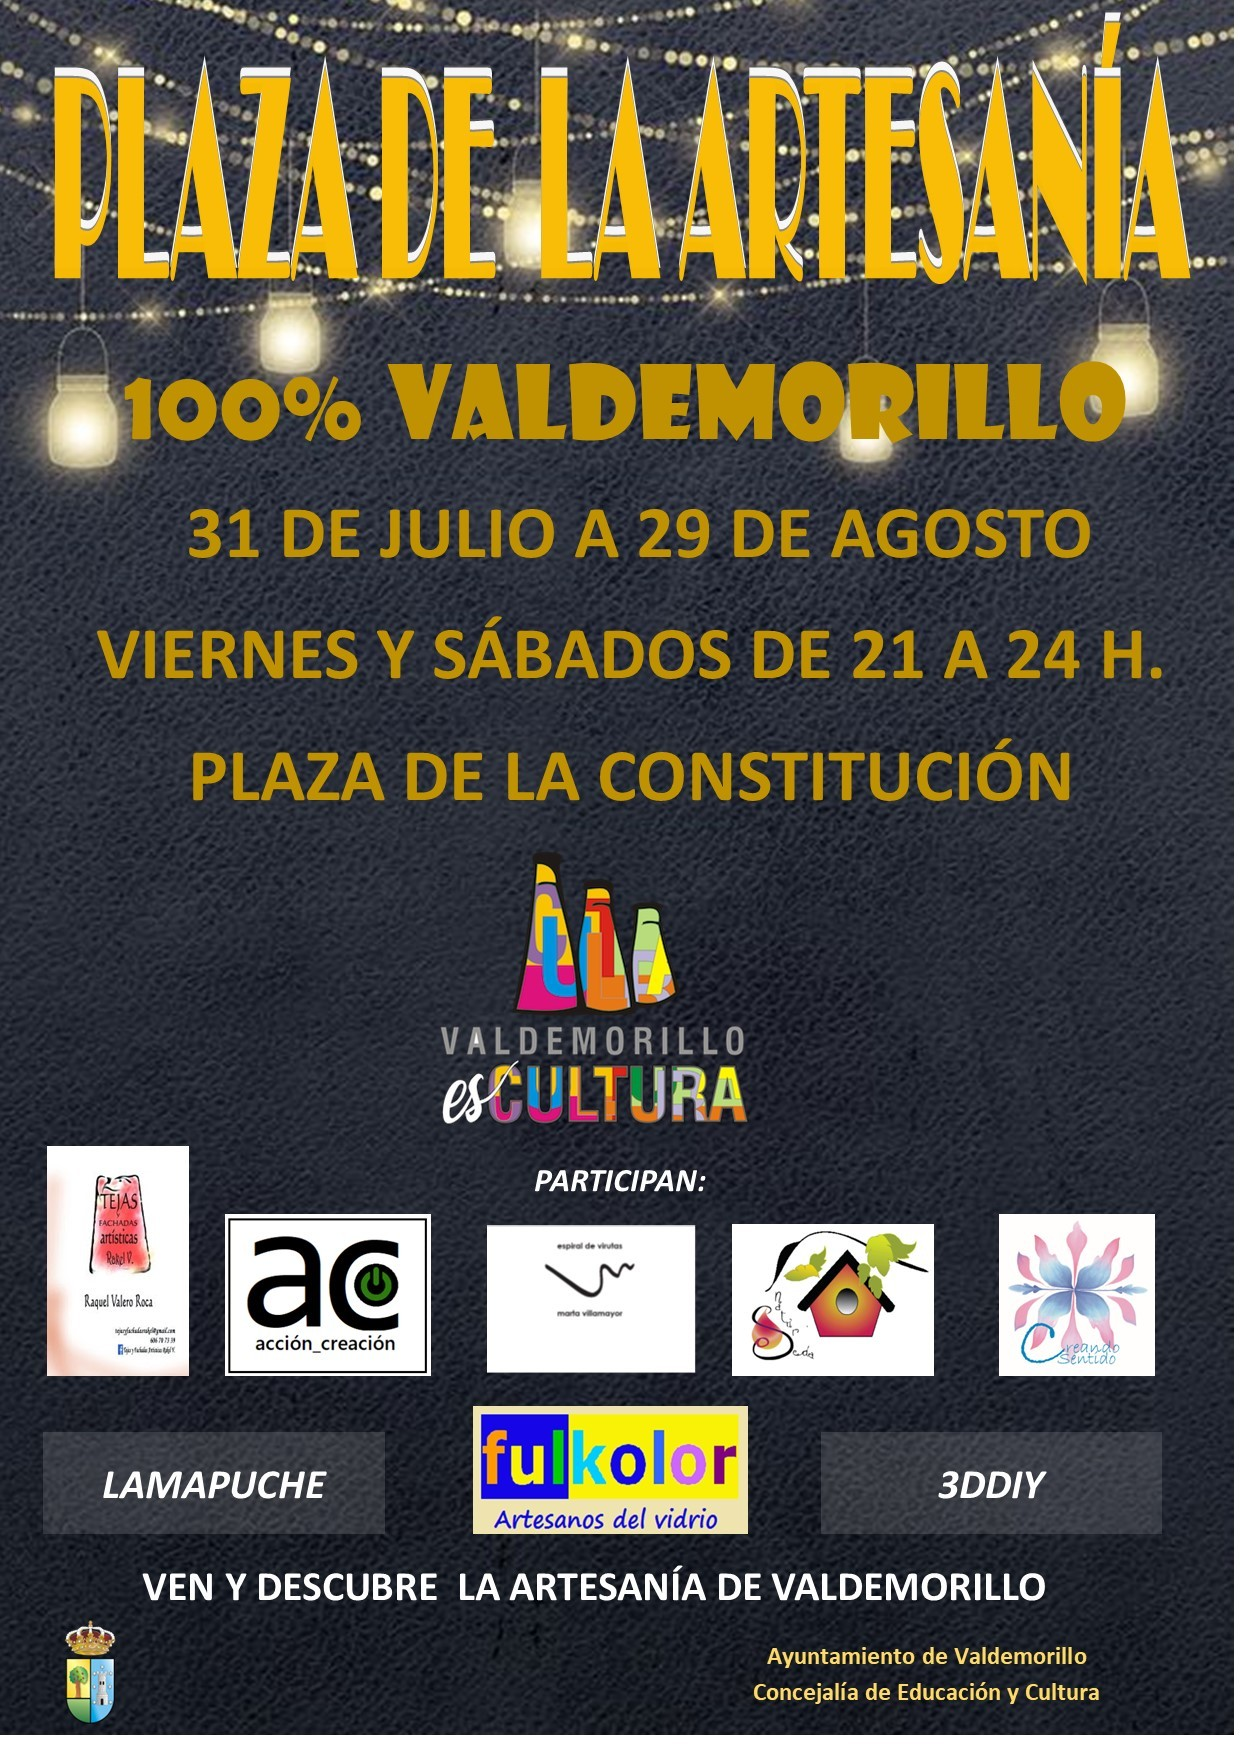 Valdemorillo invita a descubrir su  Plaza de la Artesanía. Todos los viernes y sábados,  del 31 al 29 de agosto,  la mayor variedad de piezas con sello 100% local  reunidas en pleno centro urbano